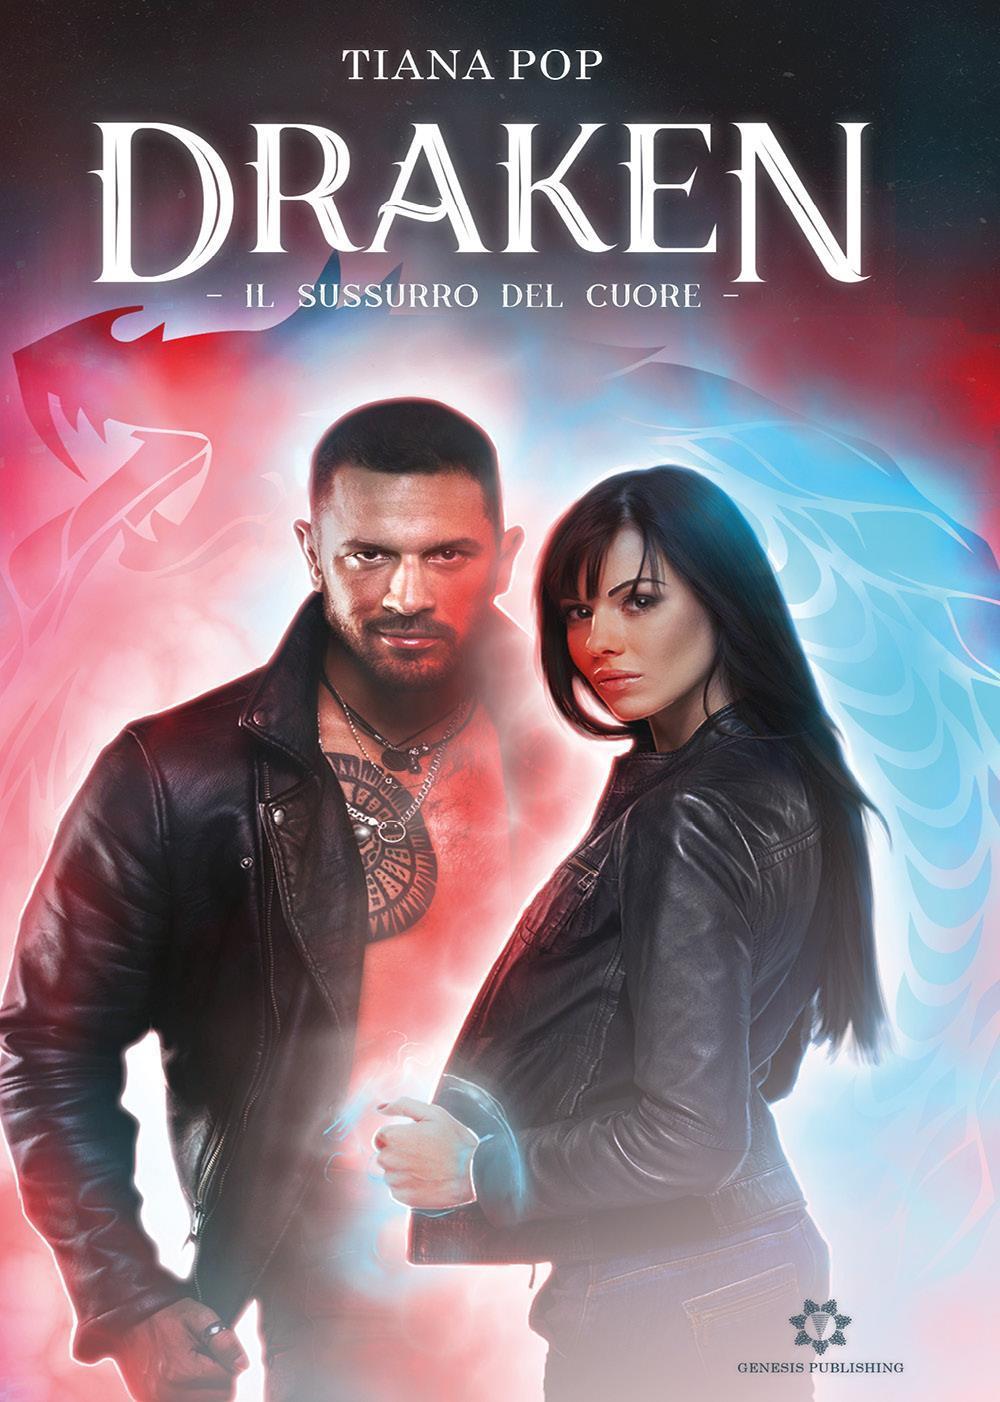 Draken - Il sussurro del cuore